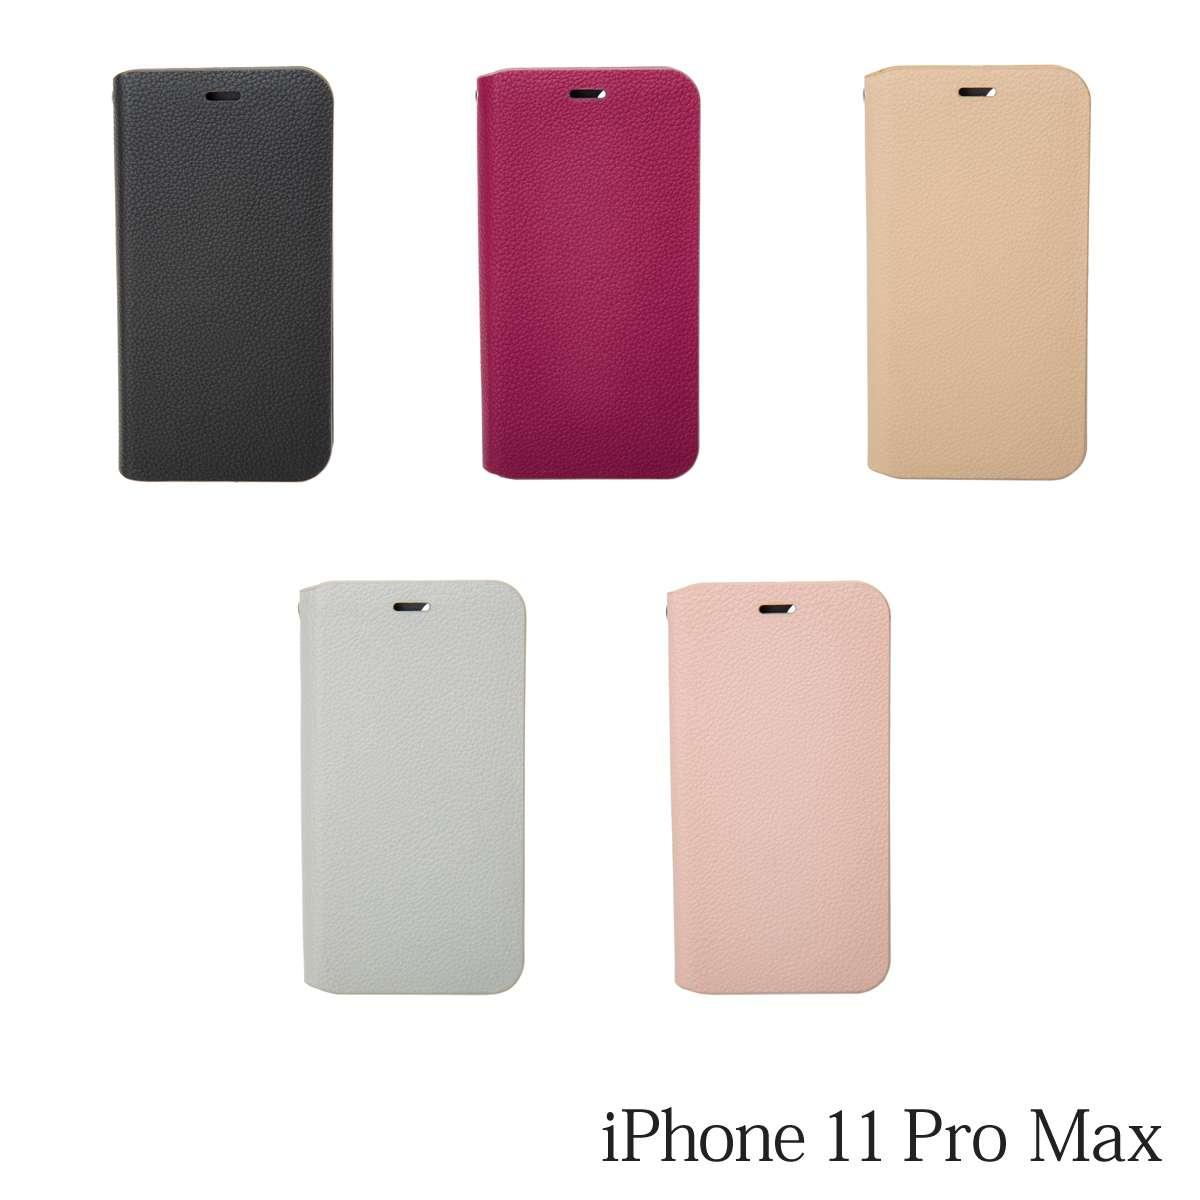 お買得 北海道及び沖縄県 離島でも配送料無料 iPhone11ProMAXケース Smart Labo Bellezza Calma メーカー在庫限り品 BCTPM 手帳型ケート ベレッツァカルマ